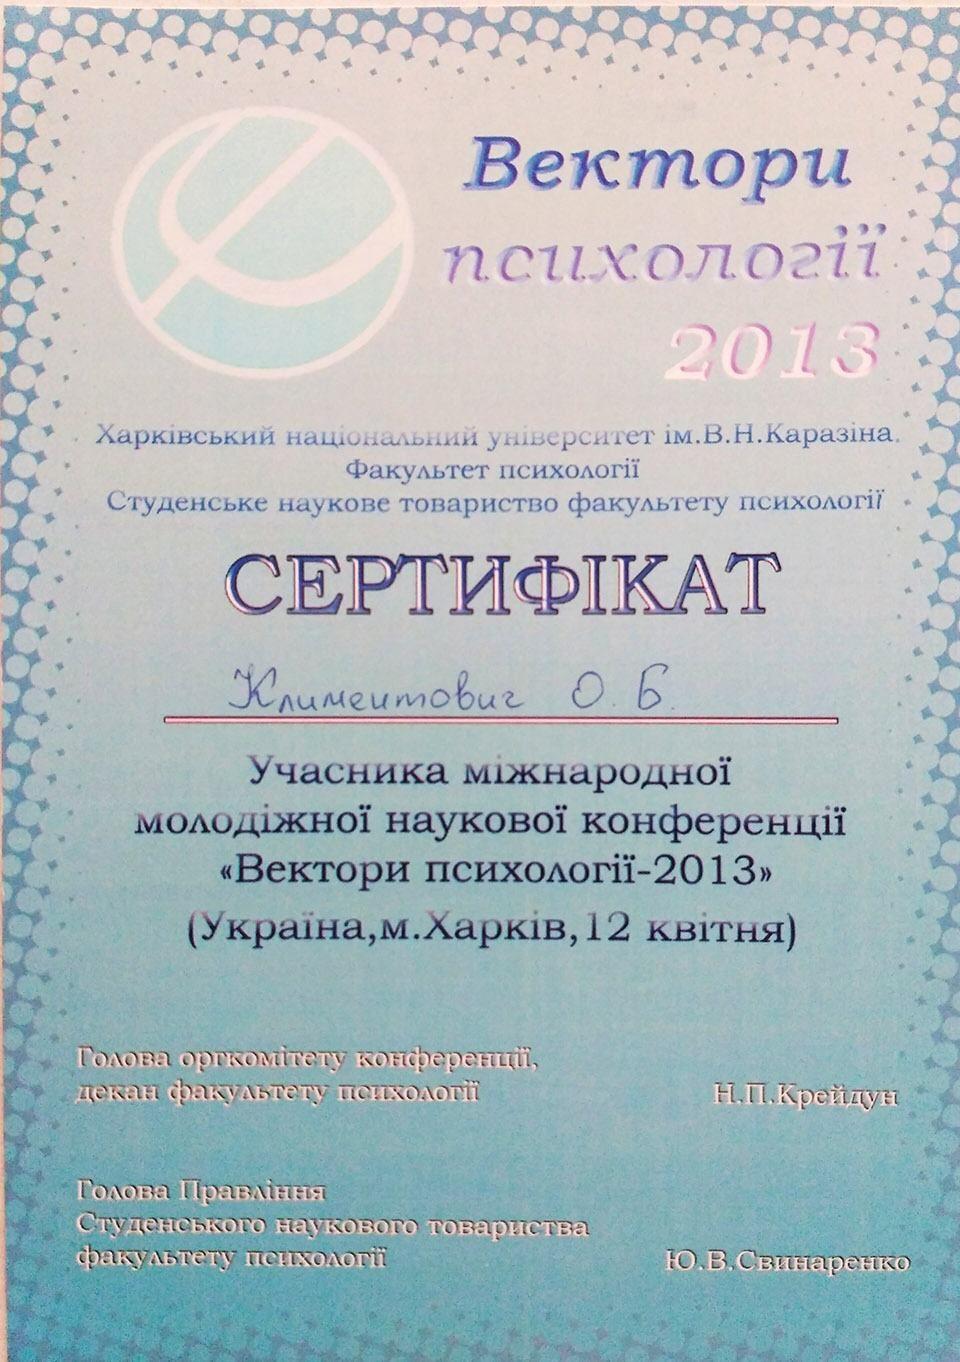 Серттфікат Вектори Психології. Психолог Ольга Климентович, Львів